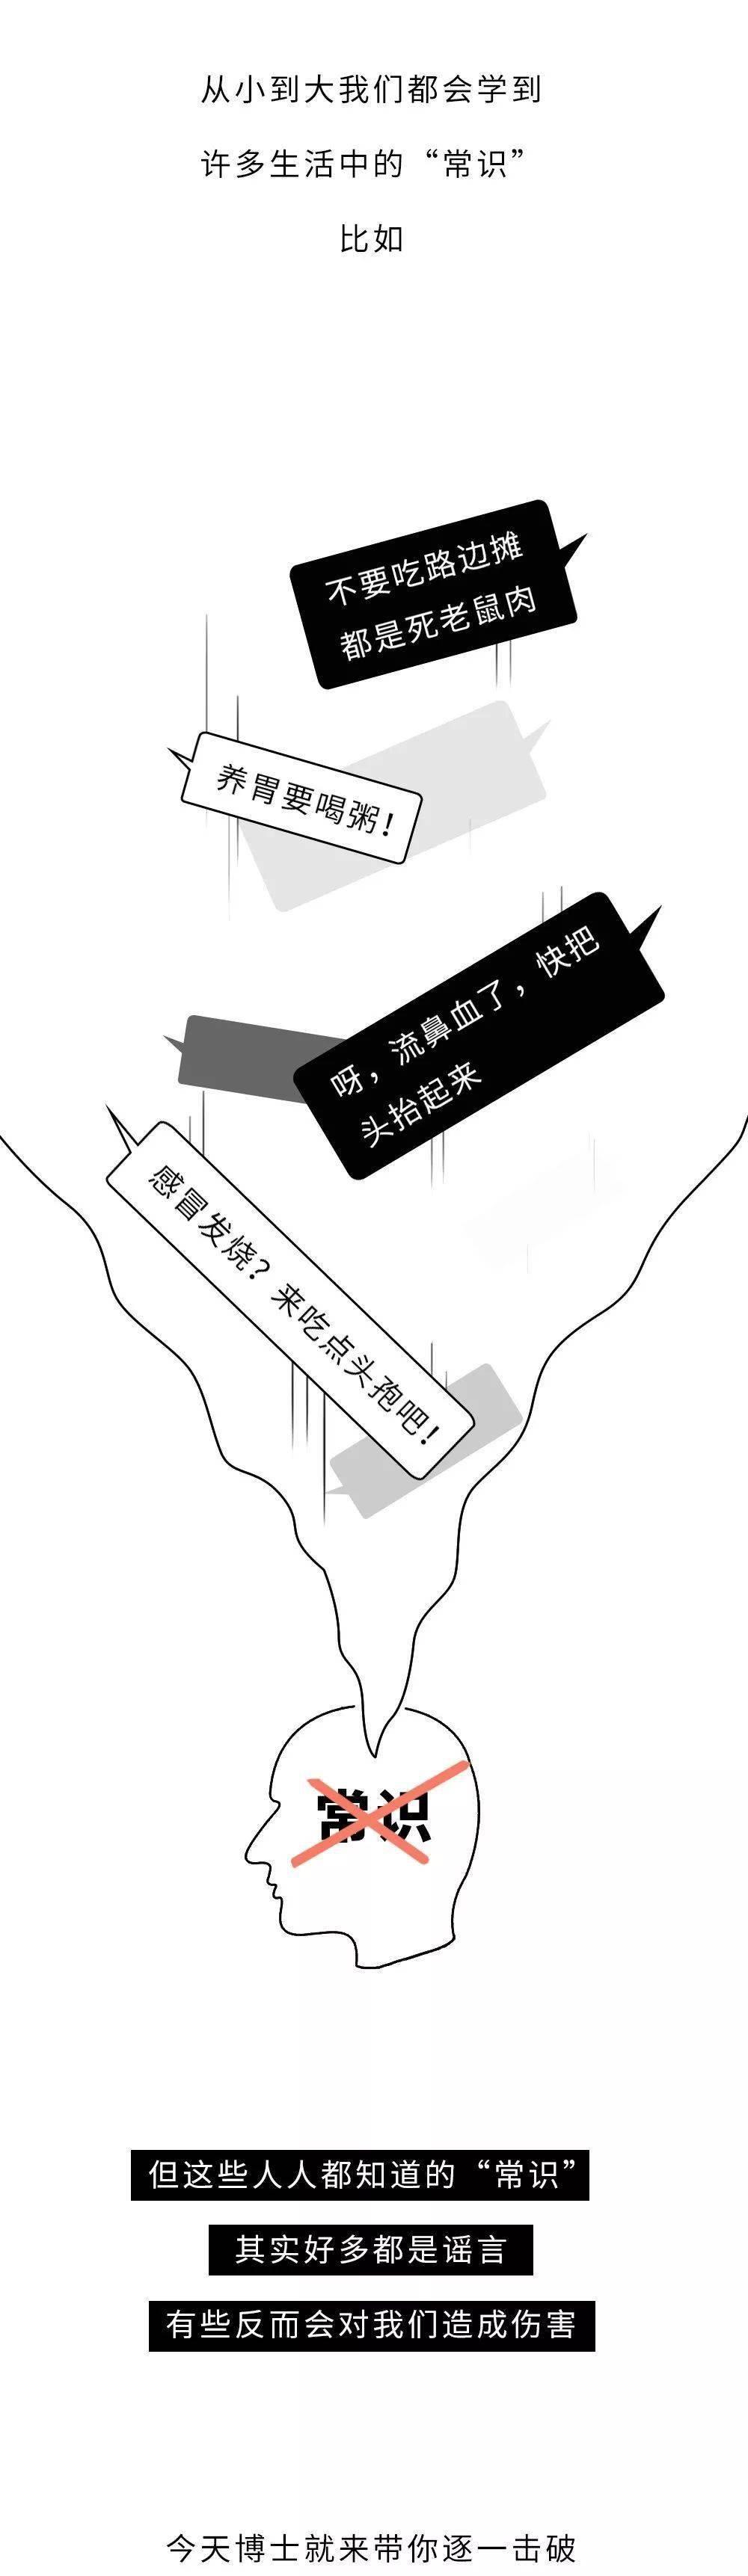 拉菲8登录注册-首页【1.1.8】